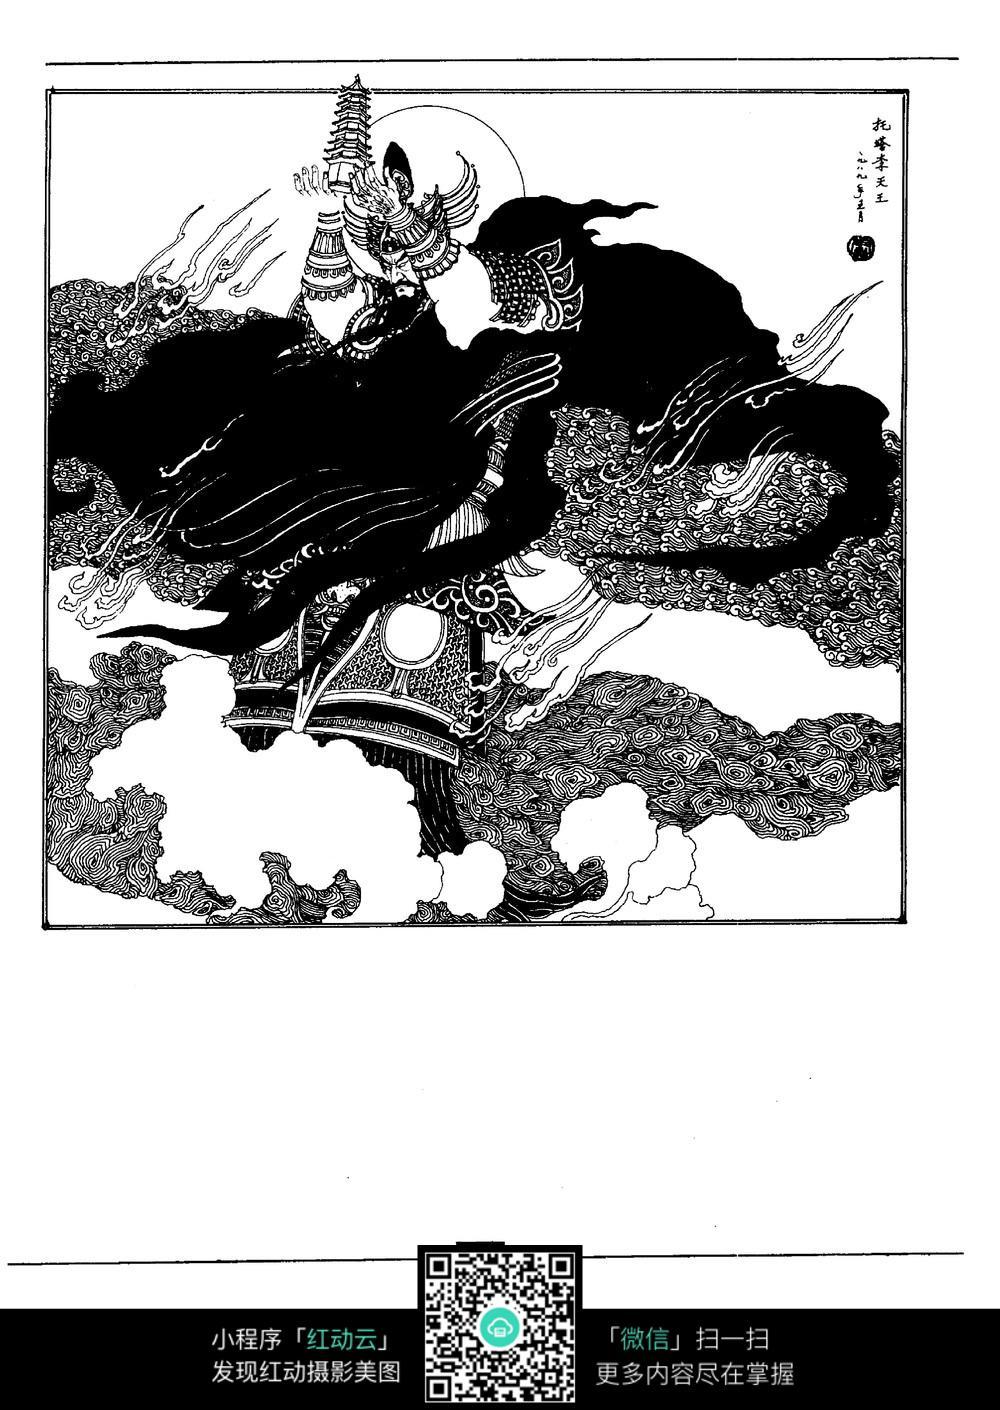 托塔李天王神仙人物线描图片